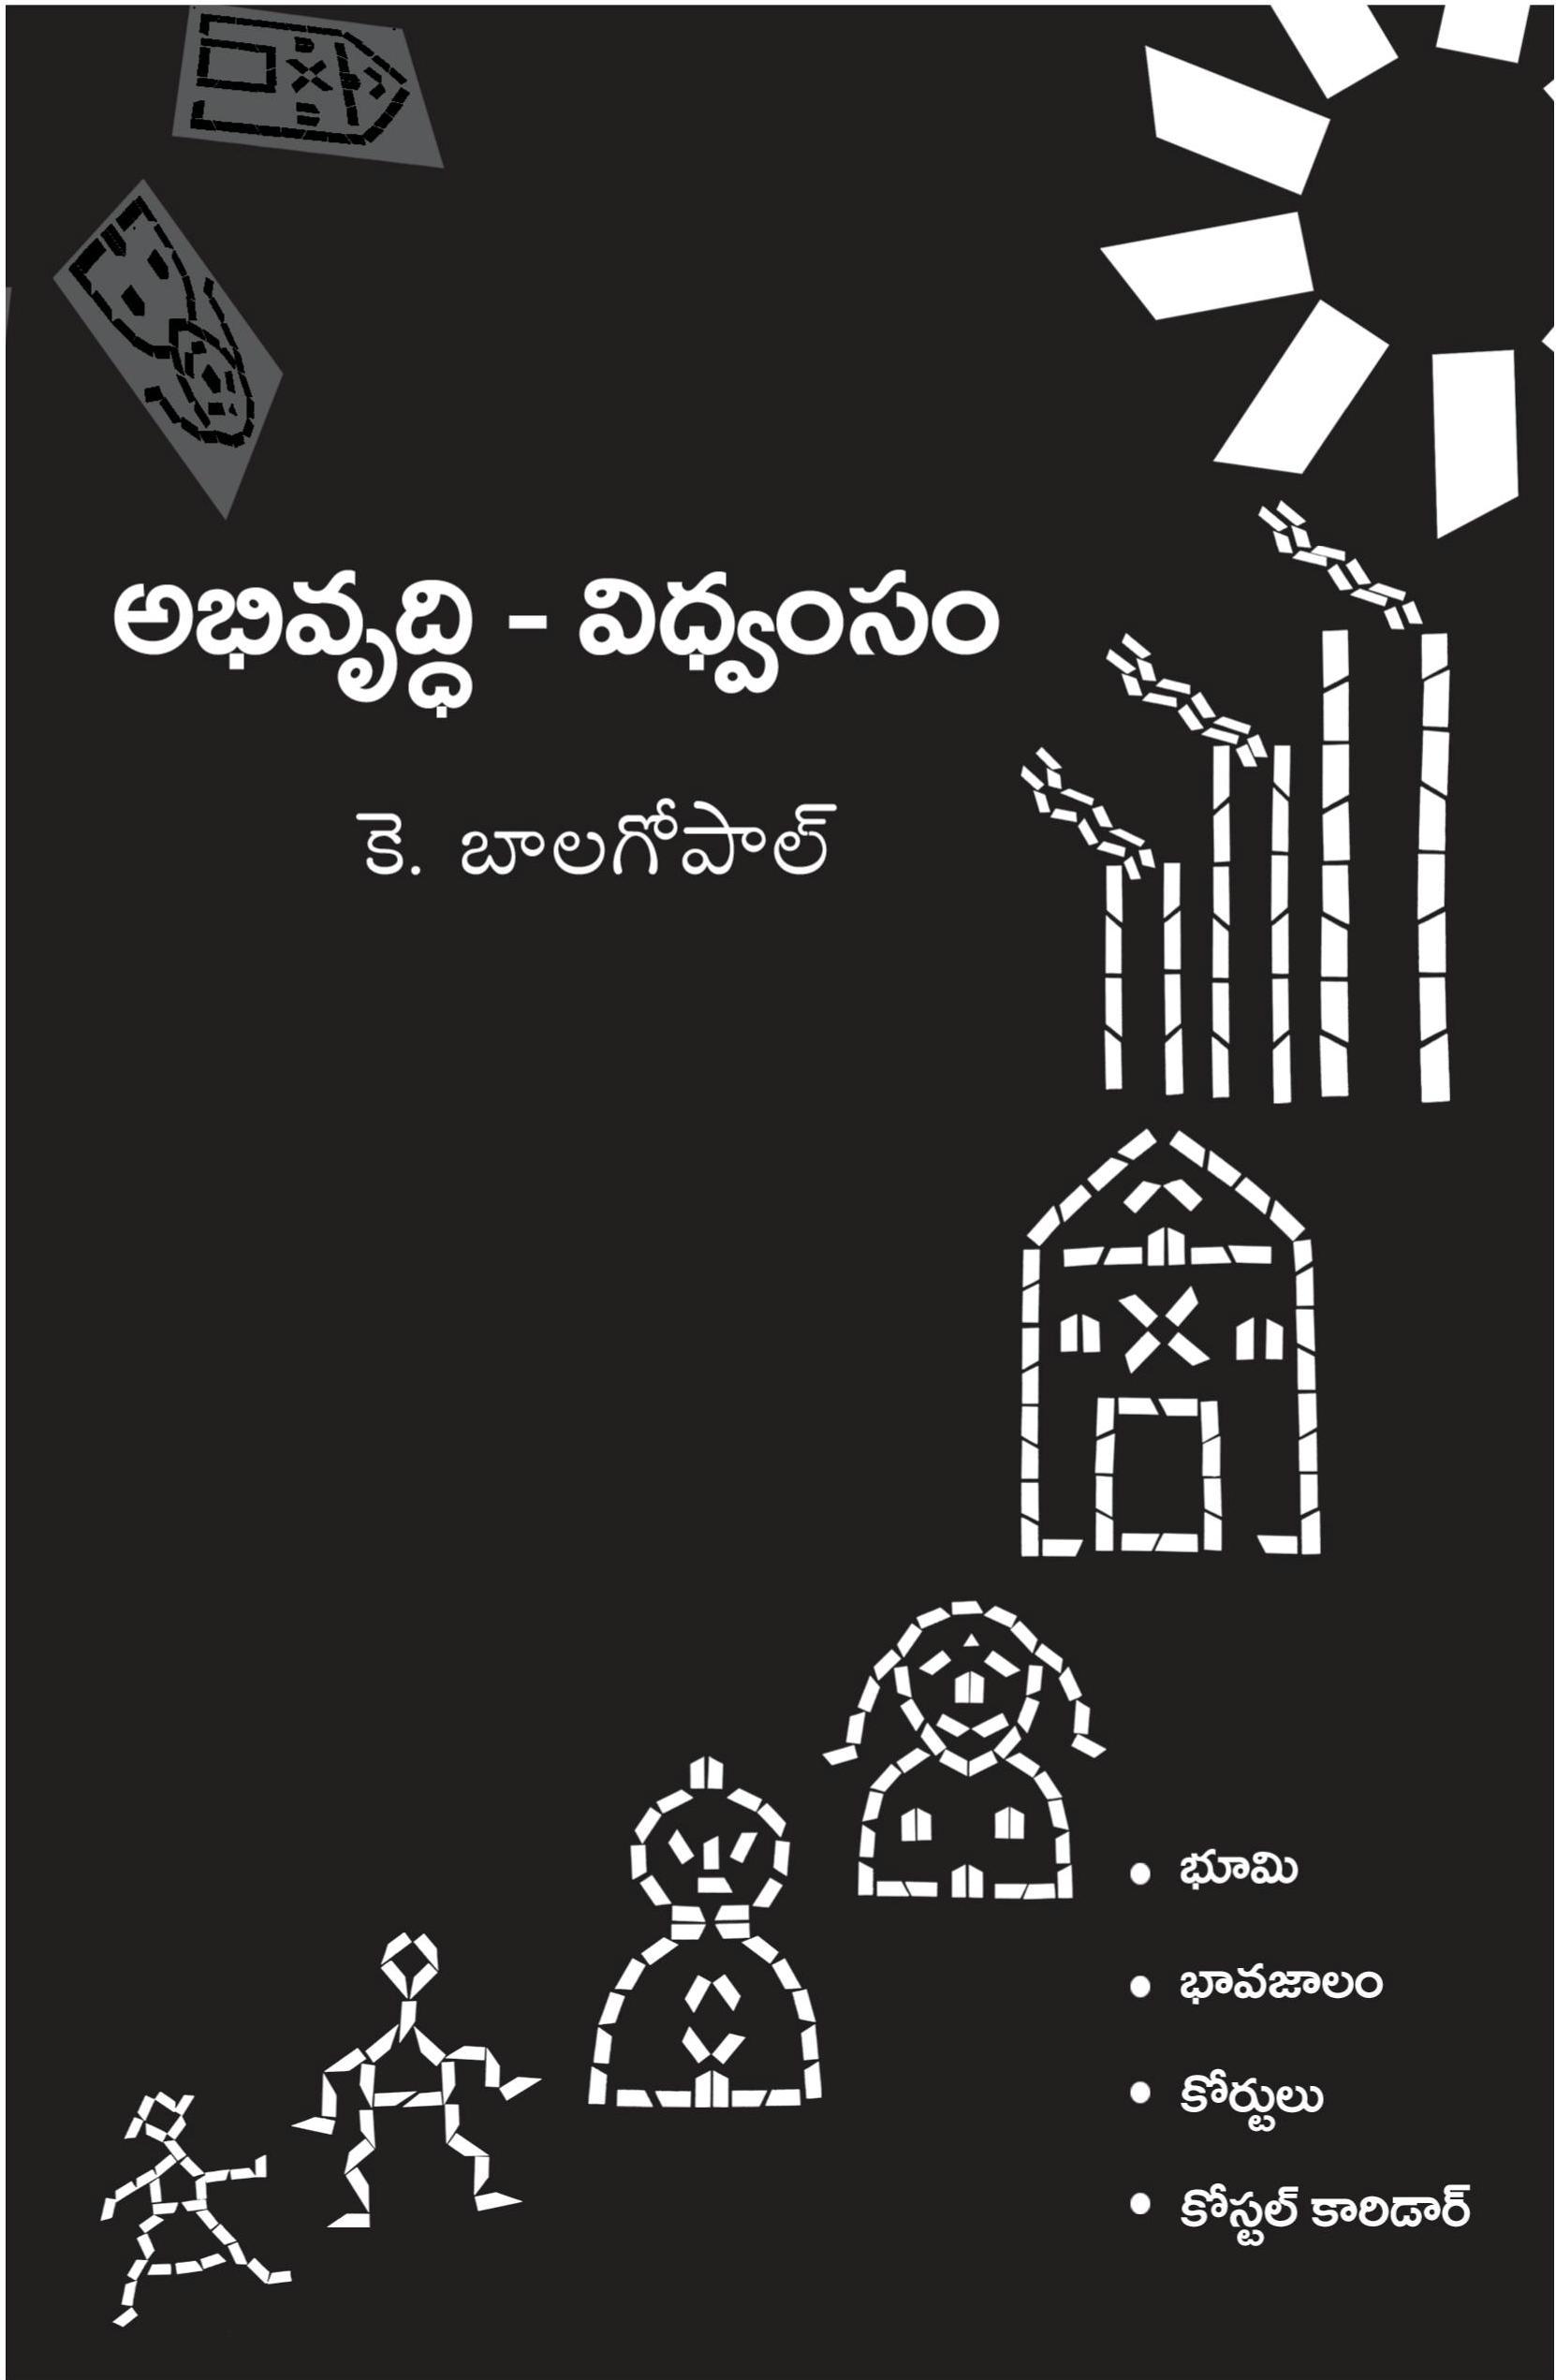 ఆఅభివృద్ధి విధ్వంసం- భూమి, భావజాలం , కోర్టులు, కోస్టల్ కారిడార్